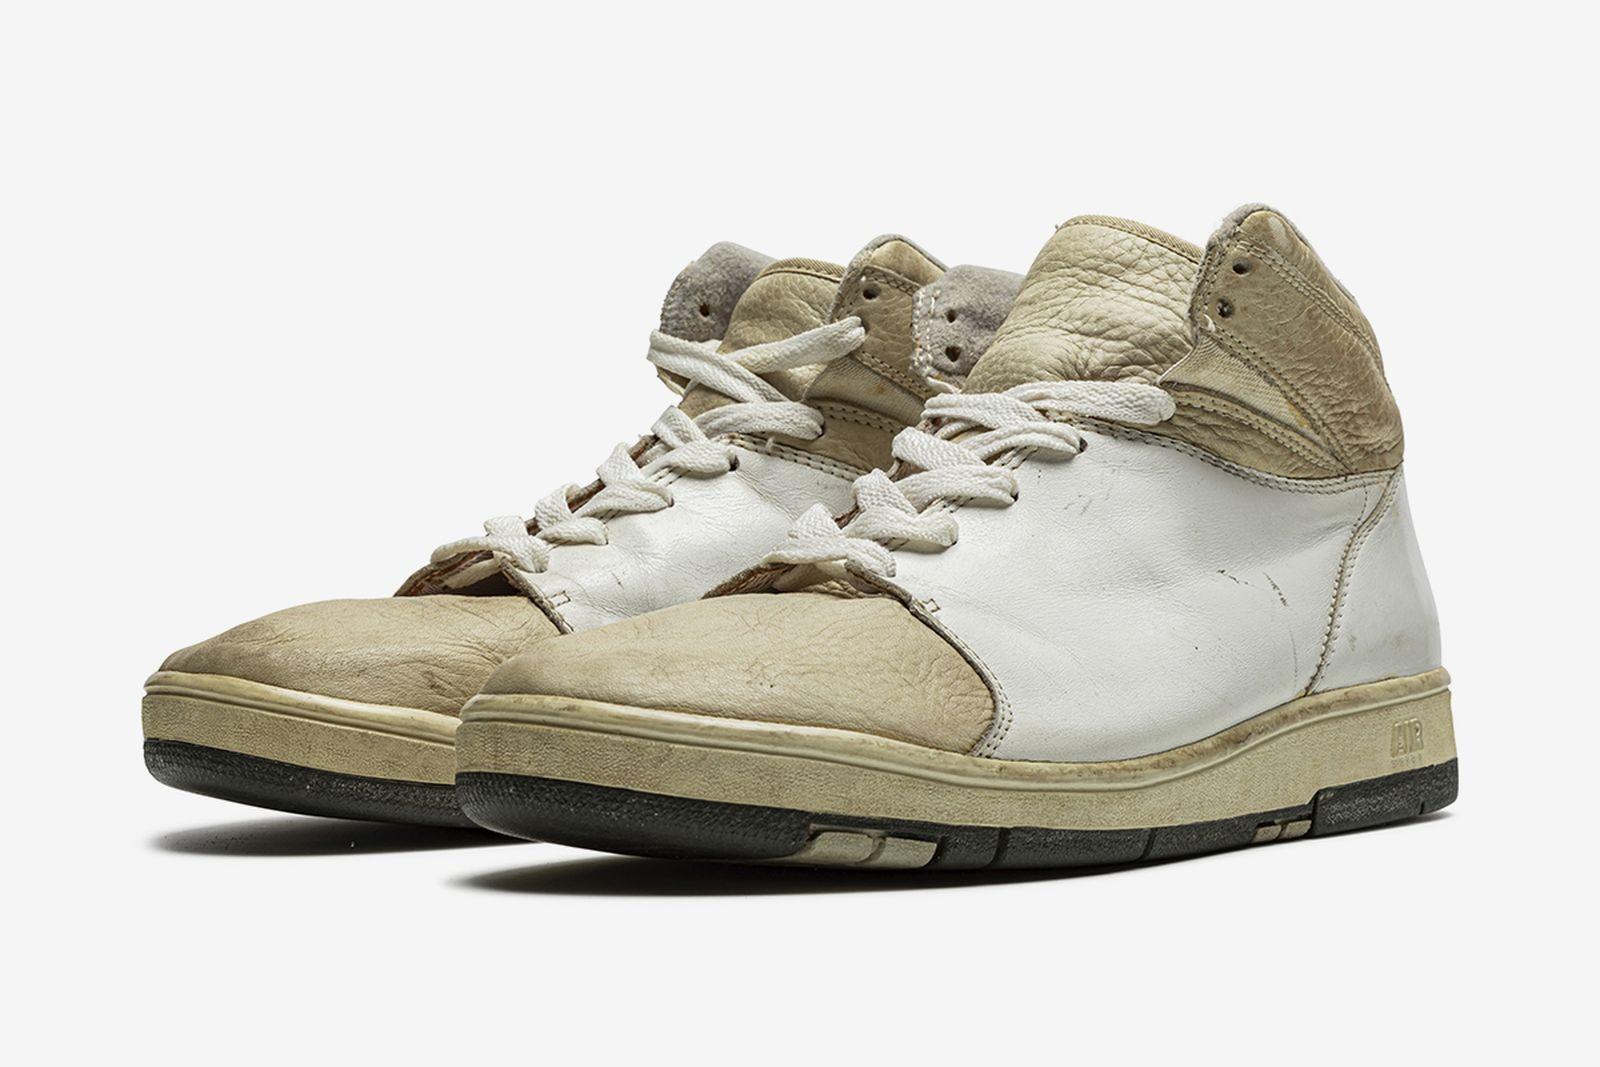 stadium-goods-christies-original-air-sneaker-auction-10